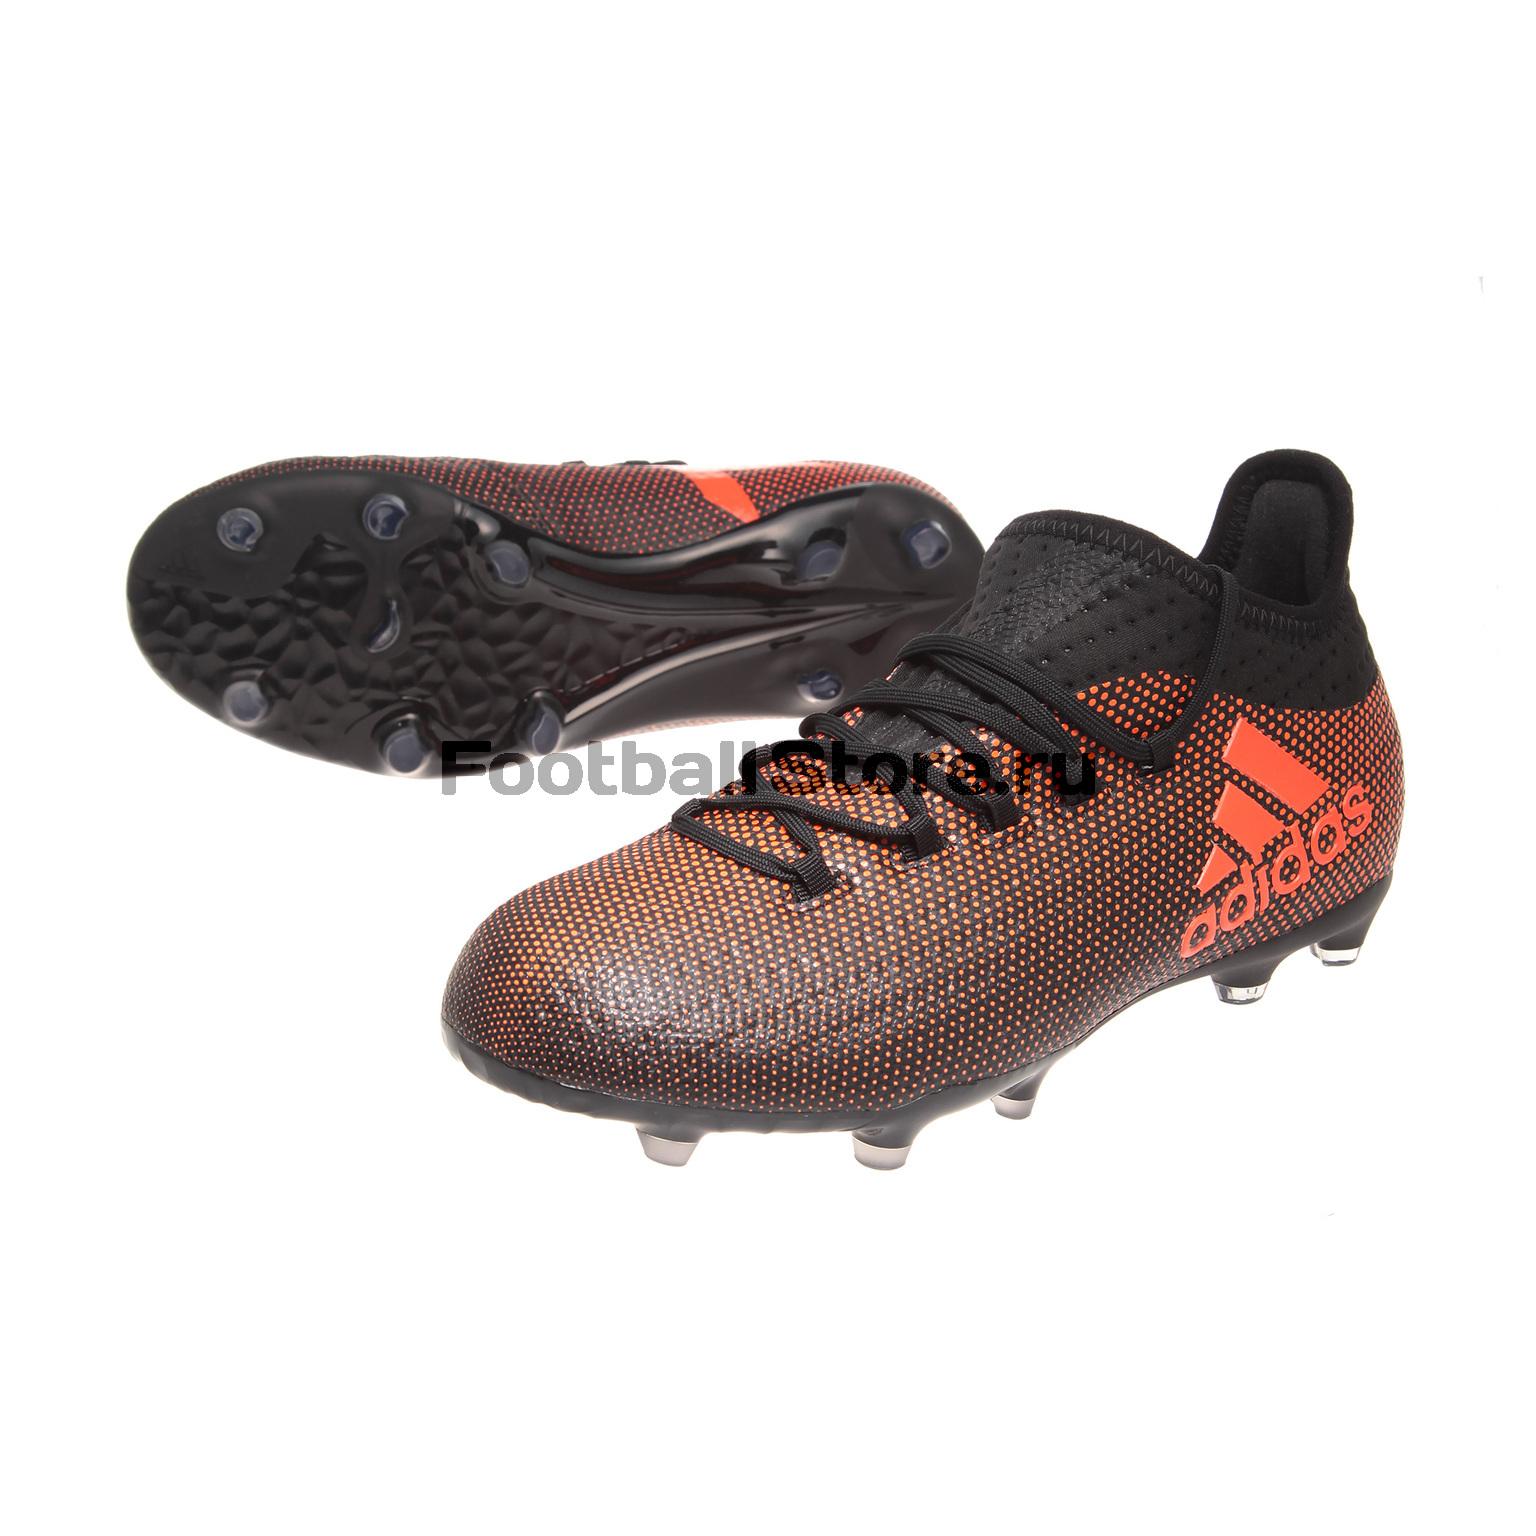 5201ba52 Бутсы Adidas X 17.1 FG JR S82296 – купить в интернет магазине ...